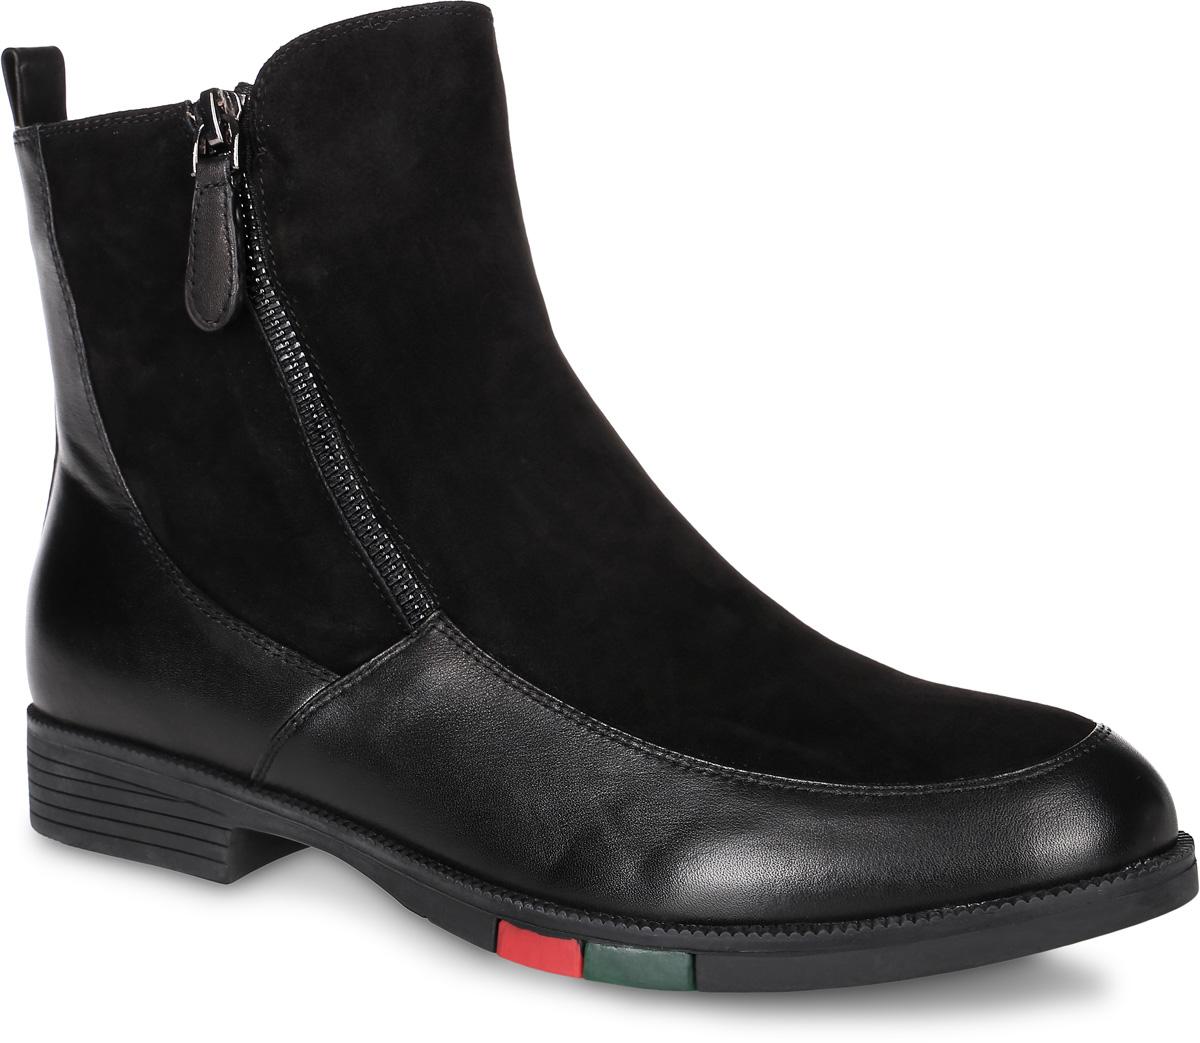 W2114-T03-1Женские ботинки выполнены из натуральной кожи и замши. Стелька и внутренняя поверхность выполнены из натуральной кожи, которая обеспечит комфорт при движении и предотвратит натирание. Ботинки дополнены двумя молниями по бокам. Подошва, выполненная из термопластичного материала, оснащена рифлением.